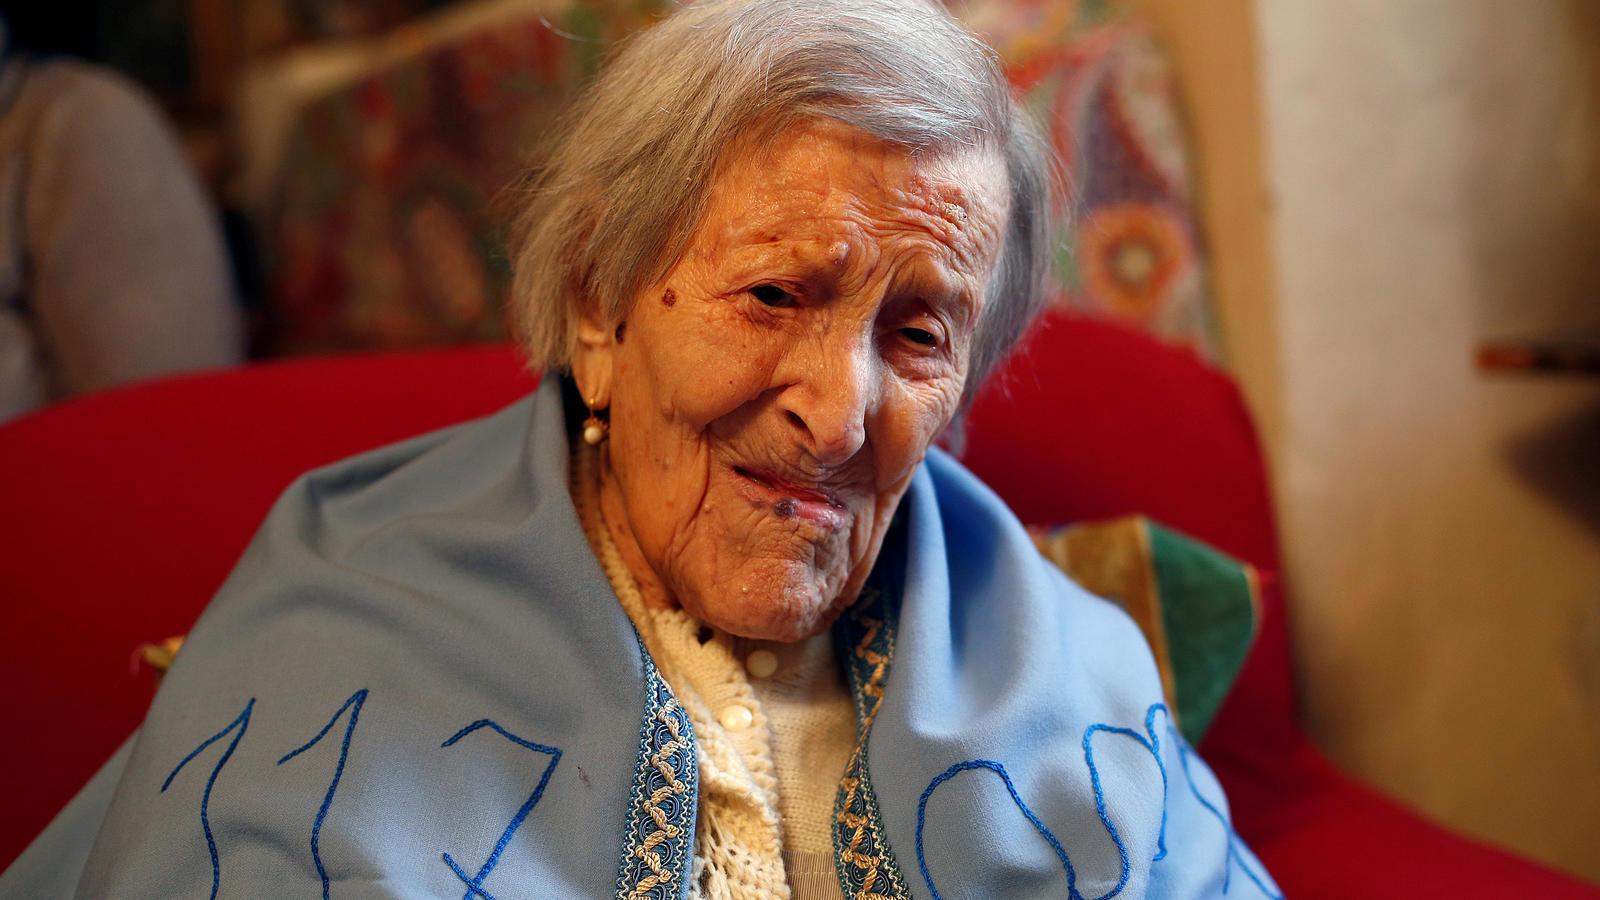 Emma Morano starb den Berichten zufolge im Beisein ihrer Verwandten und ihrer Pfleger.